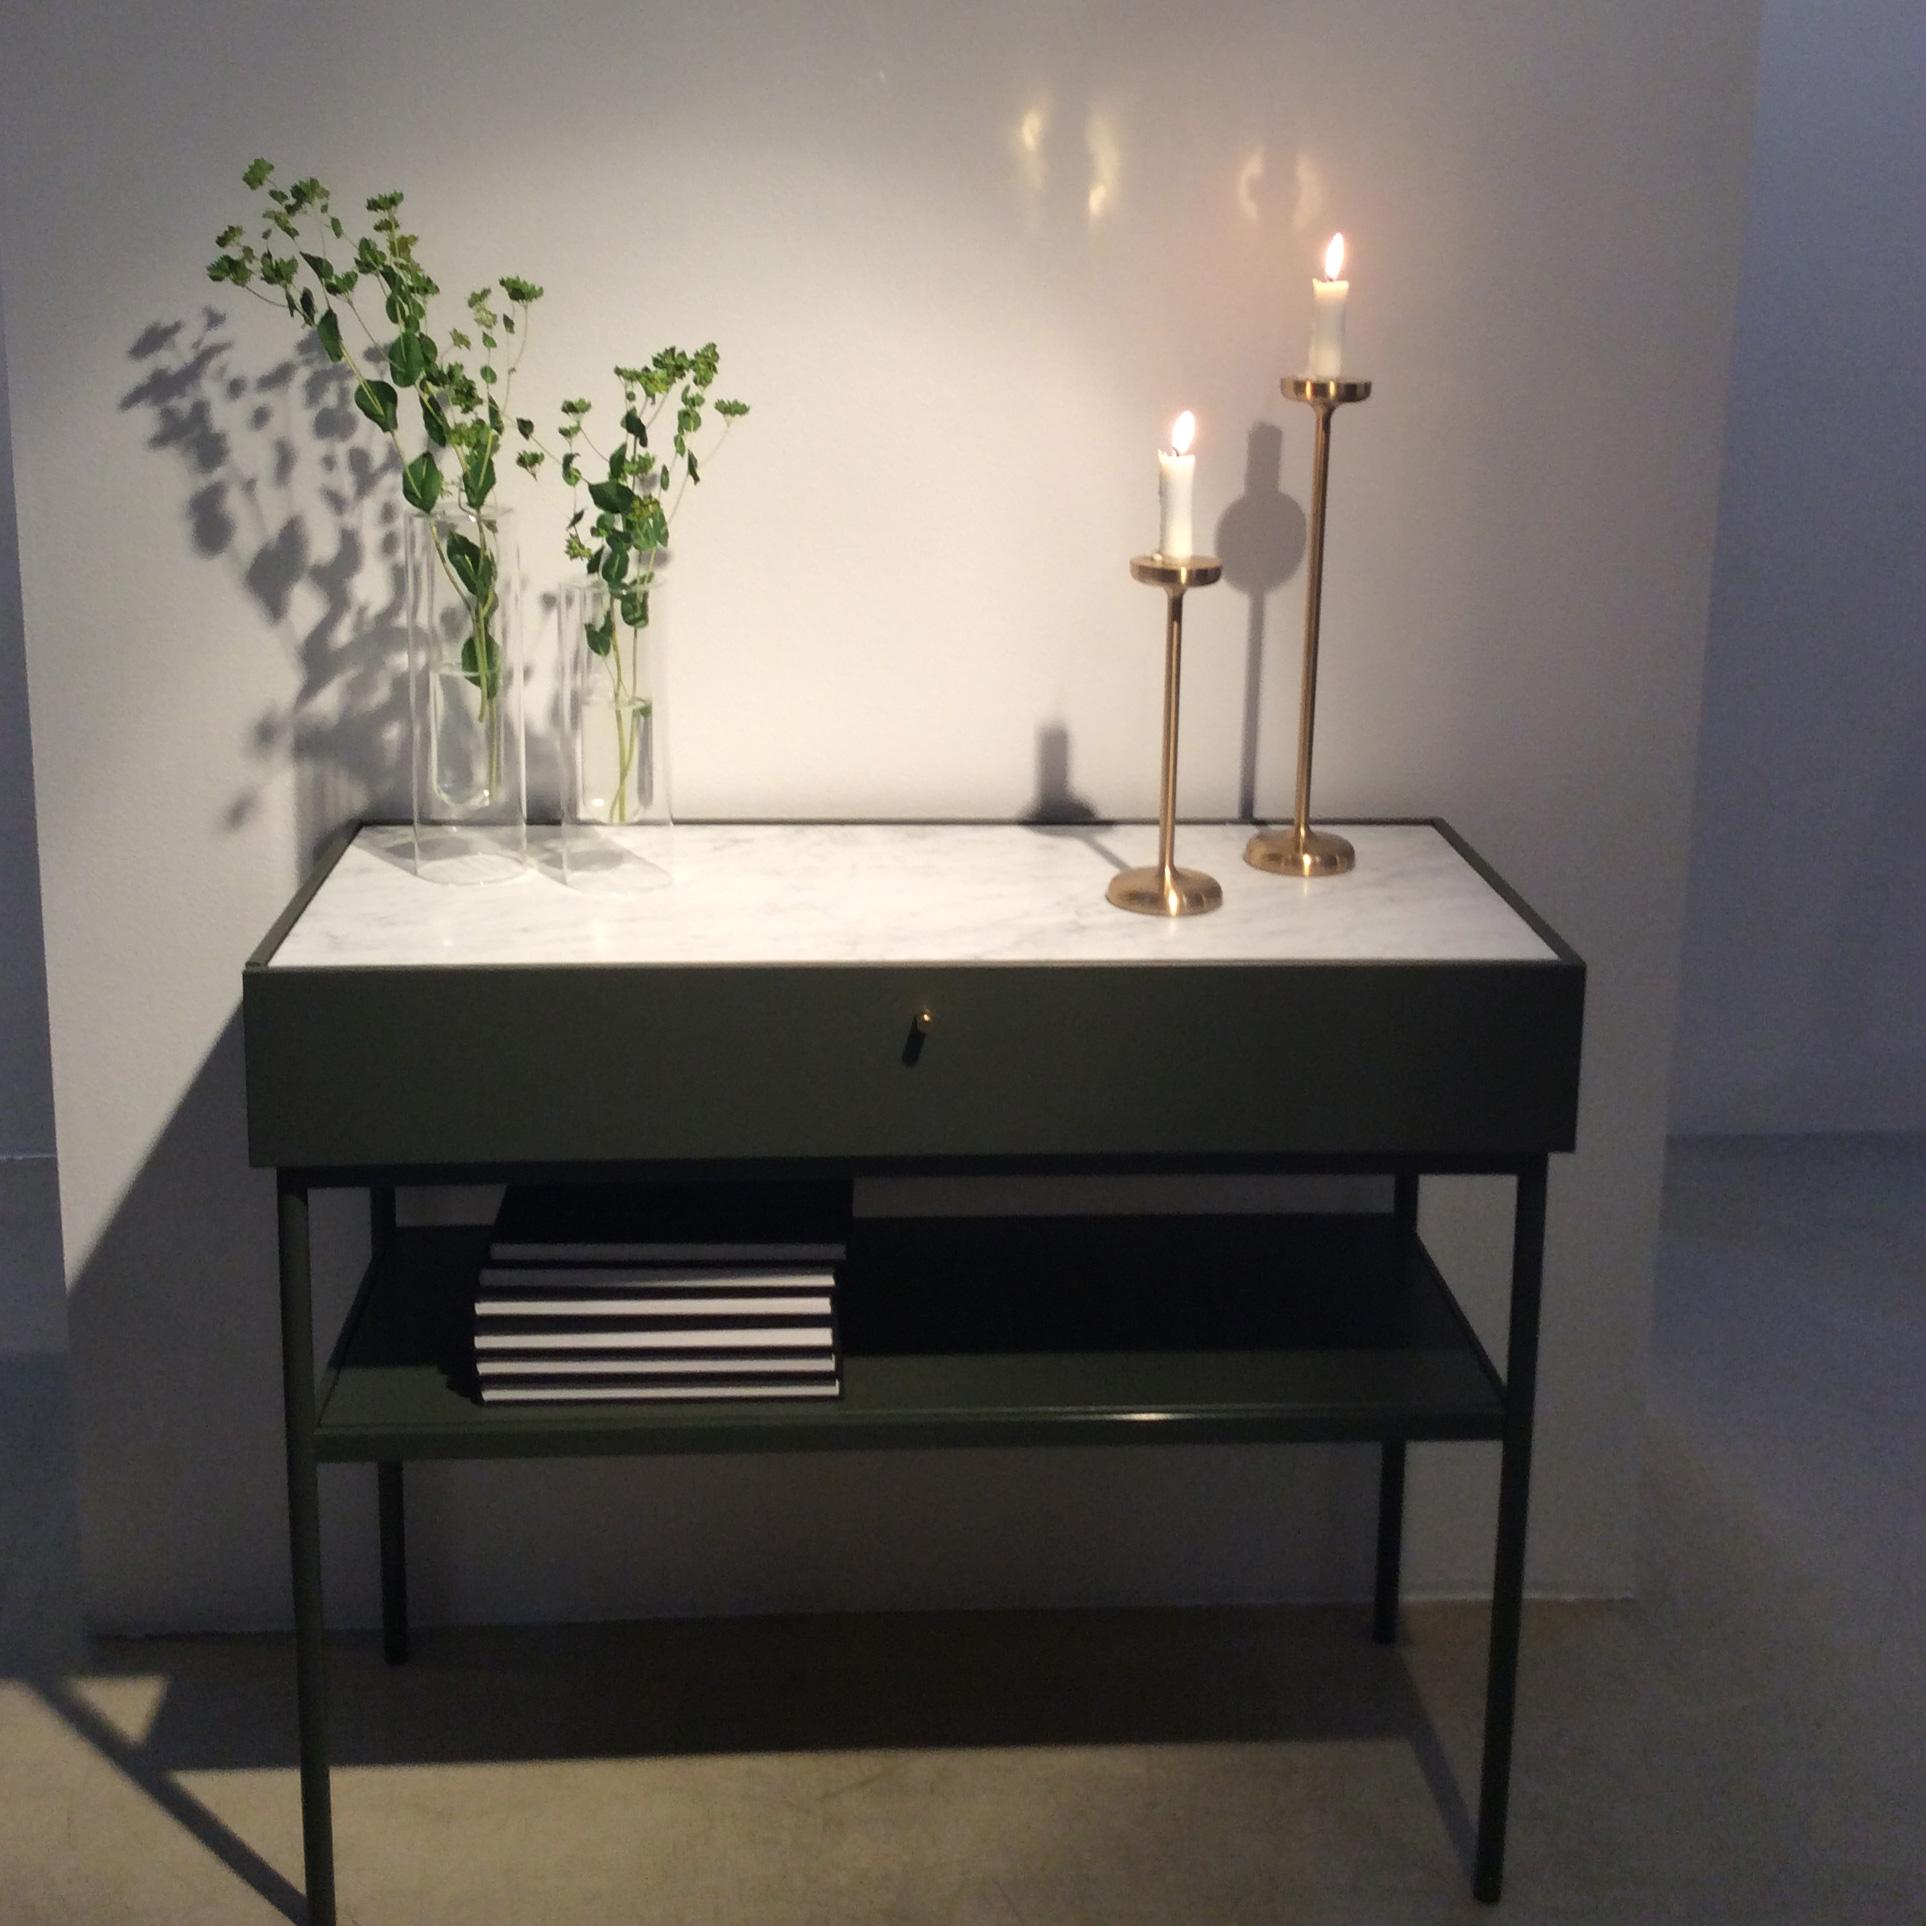 Skjenk fra Asplund i marmor og lakkert stål